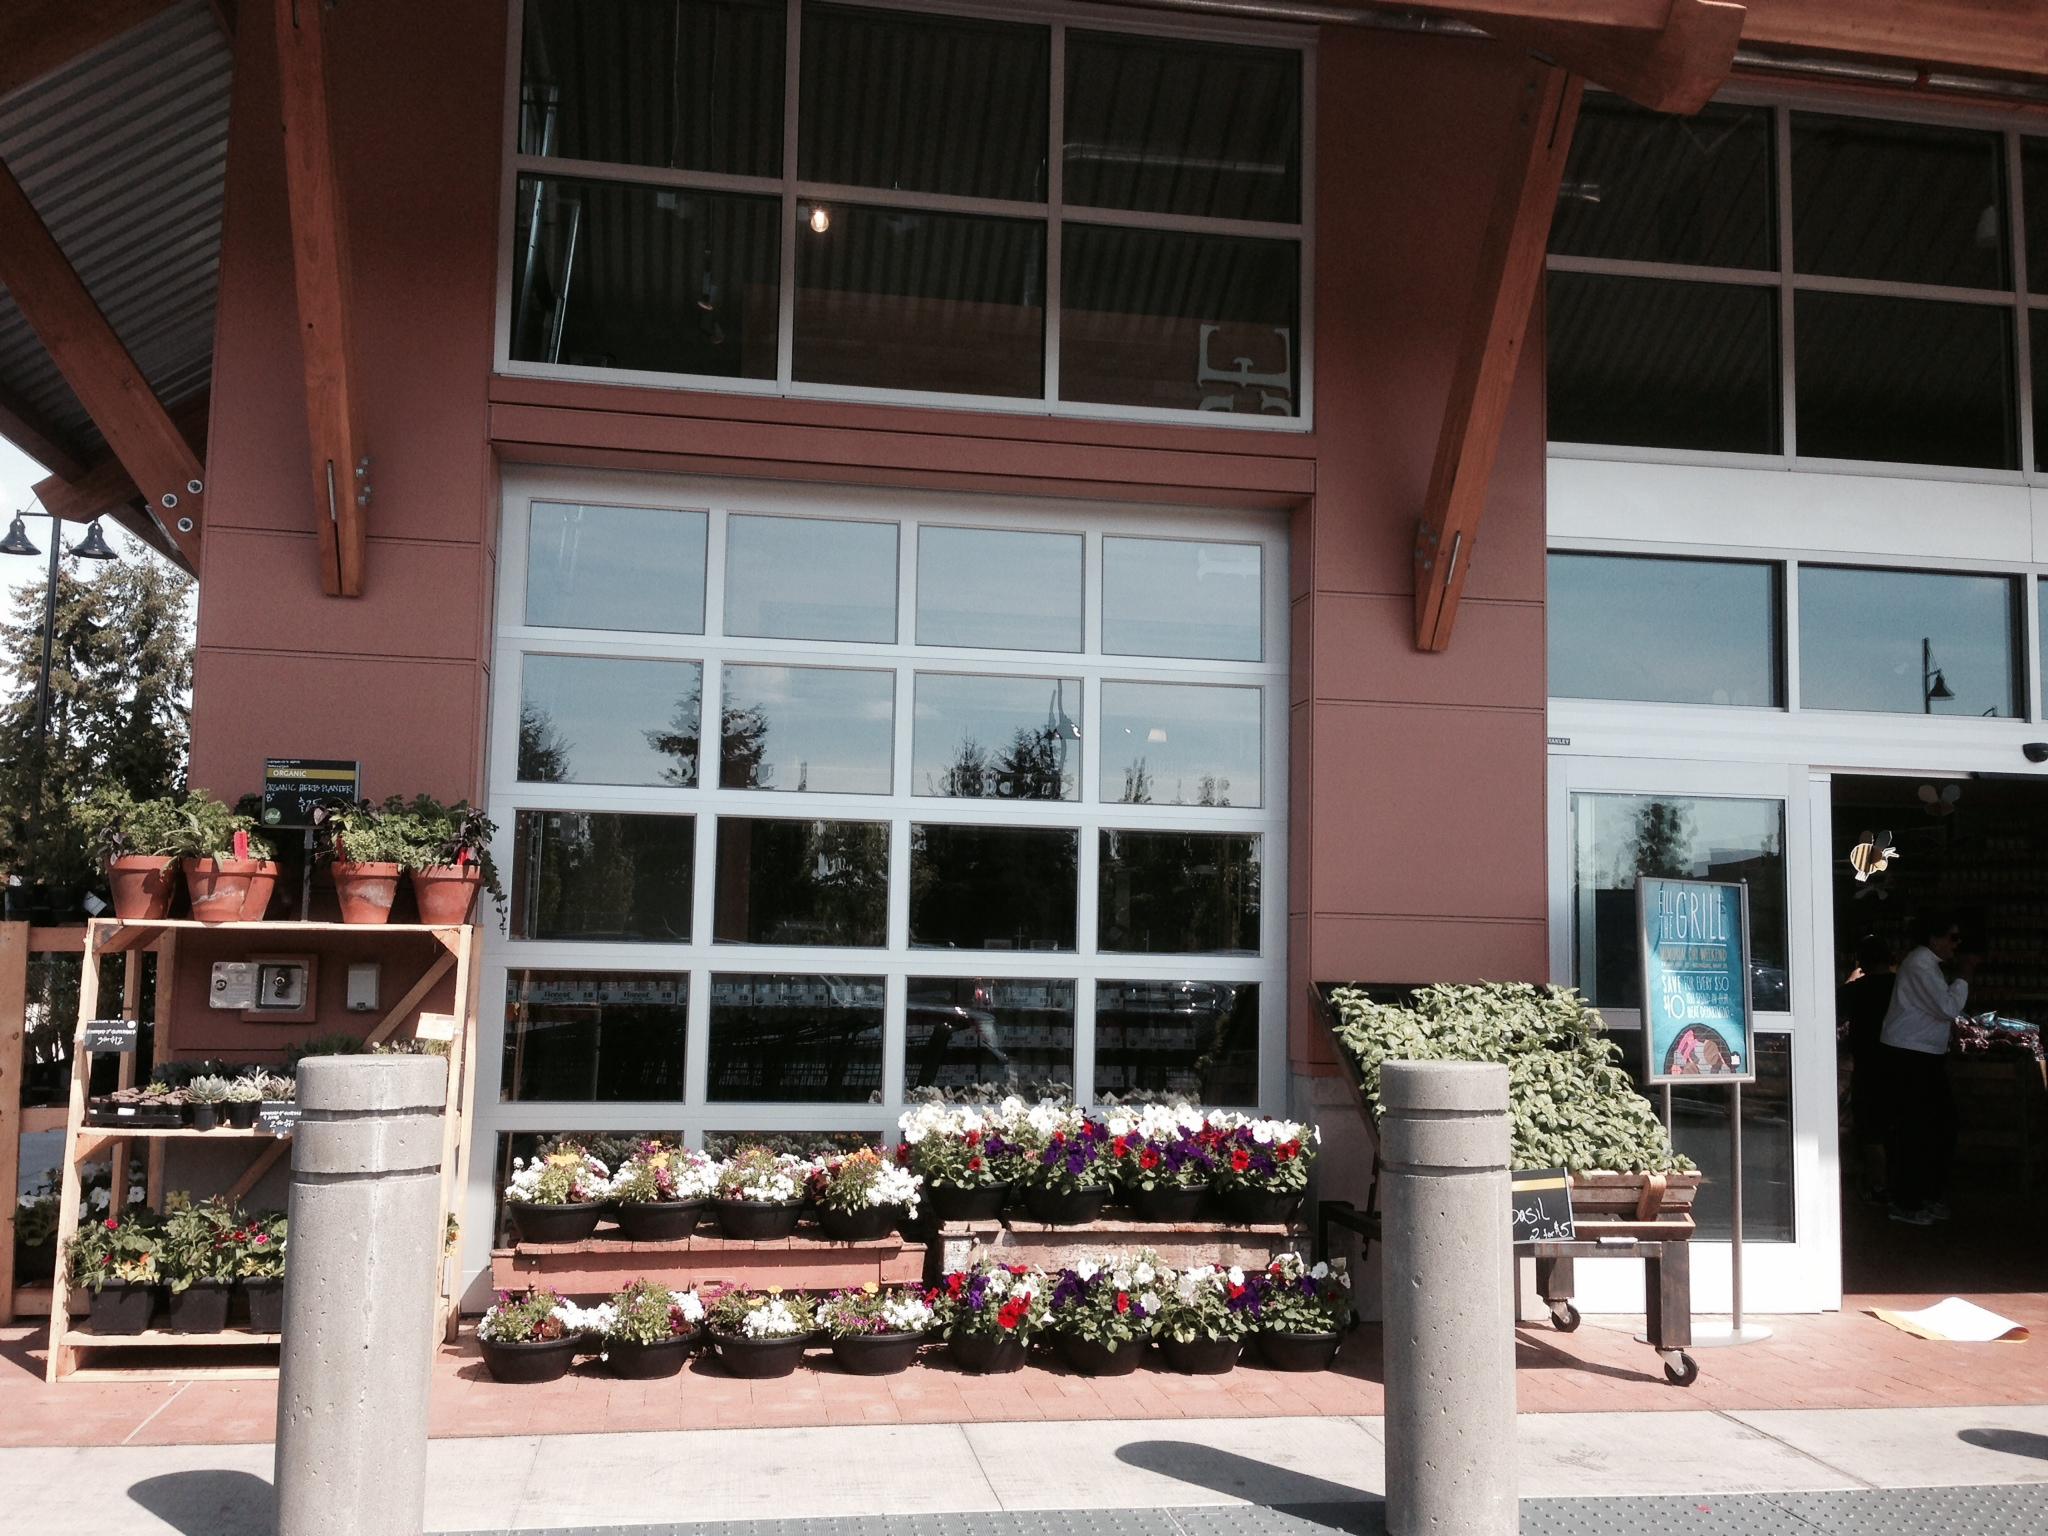 Whole Foods Redlands